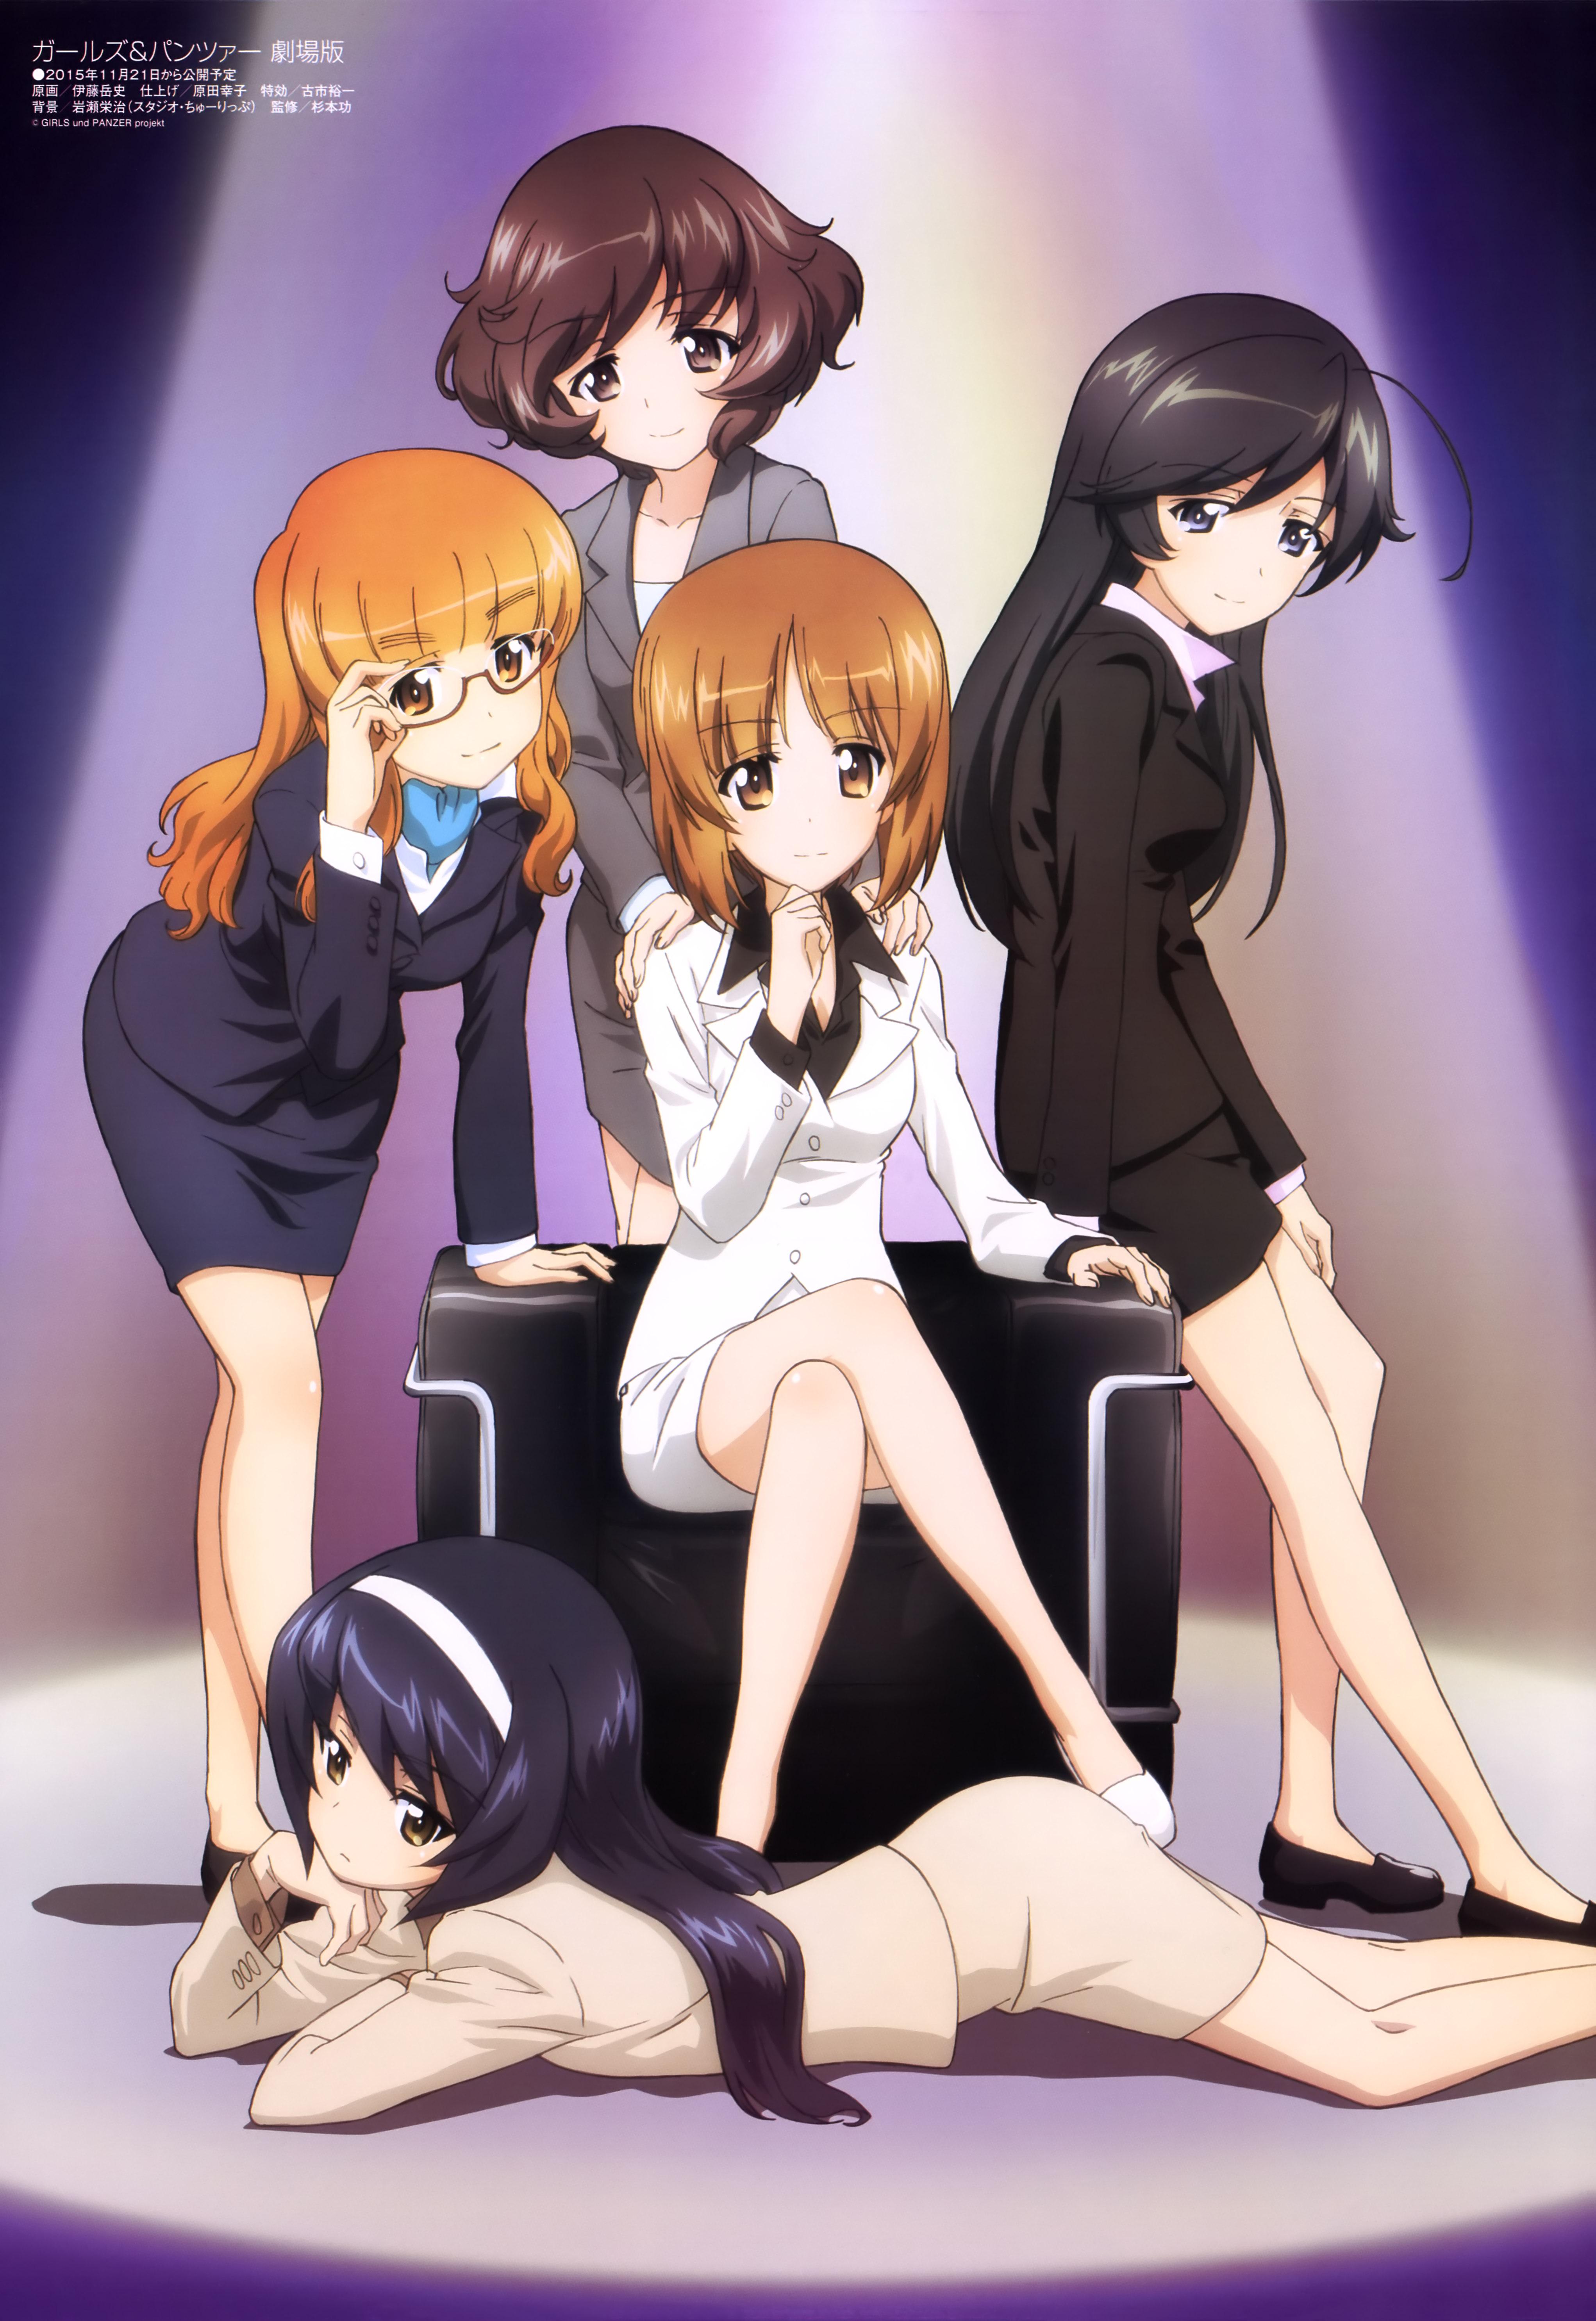 Megami MAGAZINE May 2015 anime posters girls und panzer akiyama yukari isuzu hana nishizumi miho reizei mako takebe saori poster